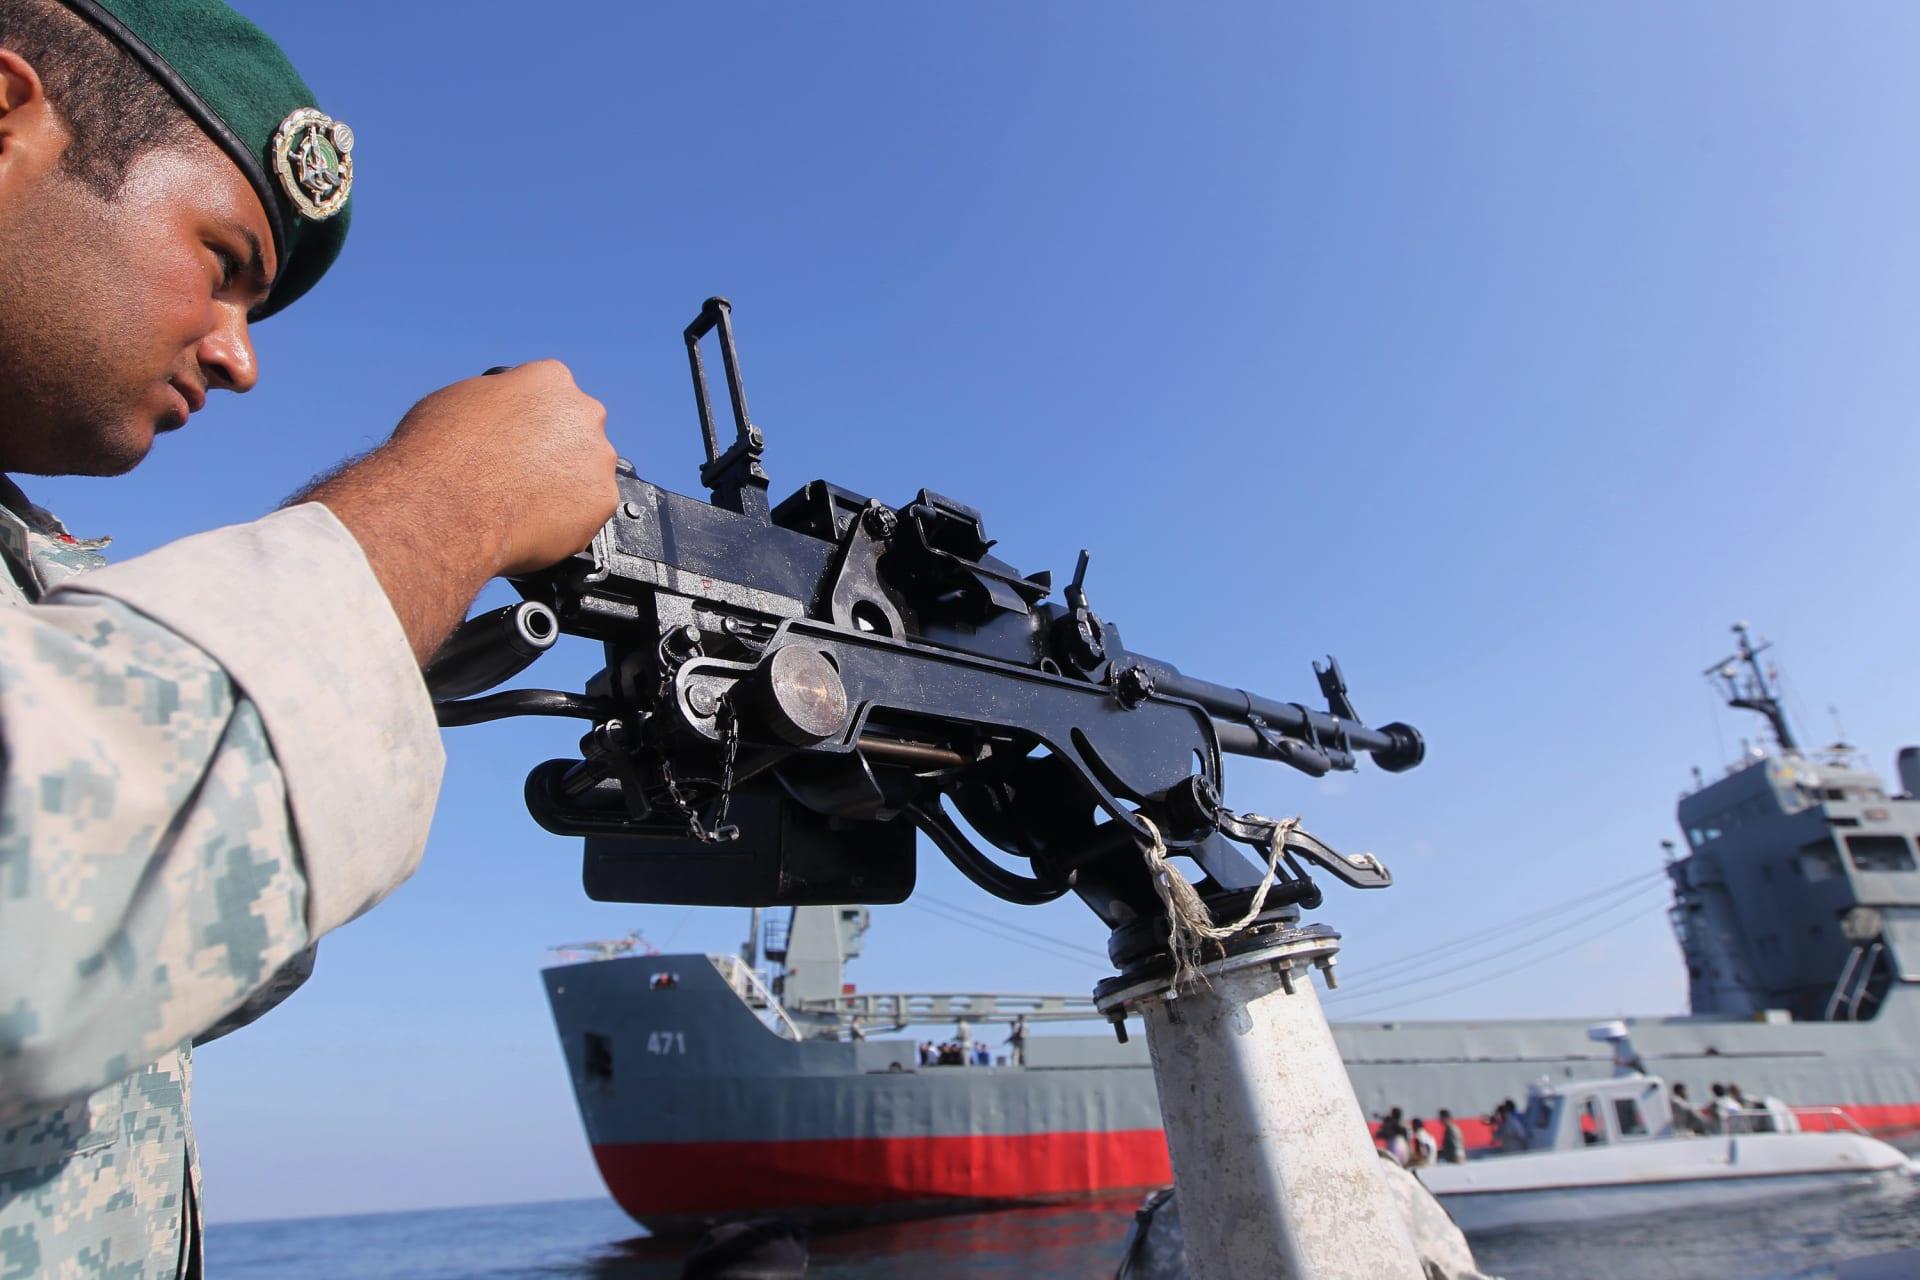 """البحرية الإيرانية: أمريكا """"العدوة"""" تتجسس على دفاعنا لأنها لا تصدق قدراتنا.. ولن نسمح لها بمعرفة تكتيكاتنا الحربية"""